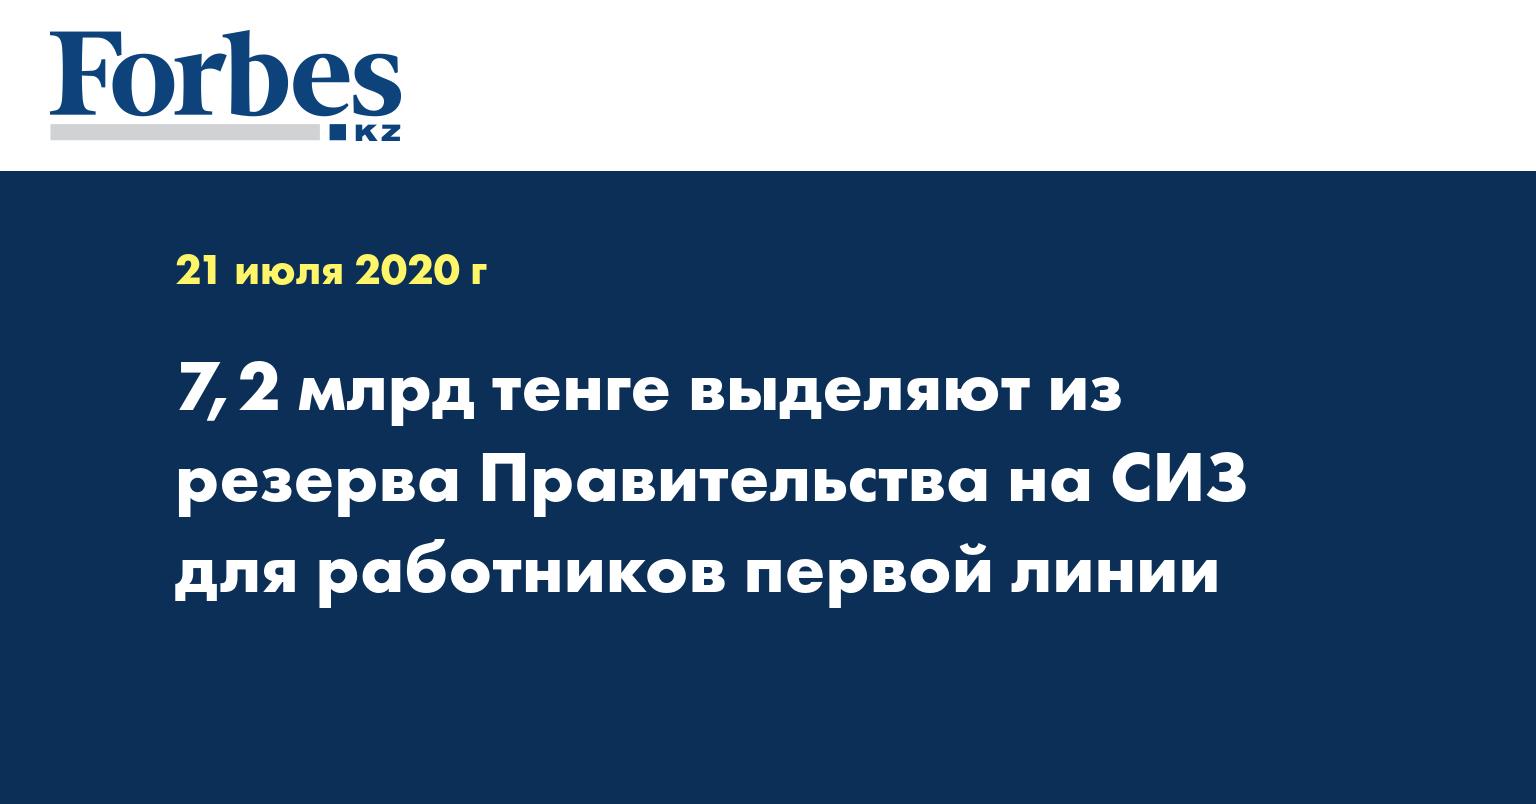 7,2 млрд тенге выделяют из резерва Правительства на СИЗ для работников первой линии